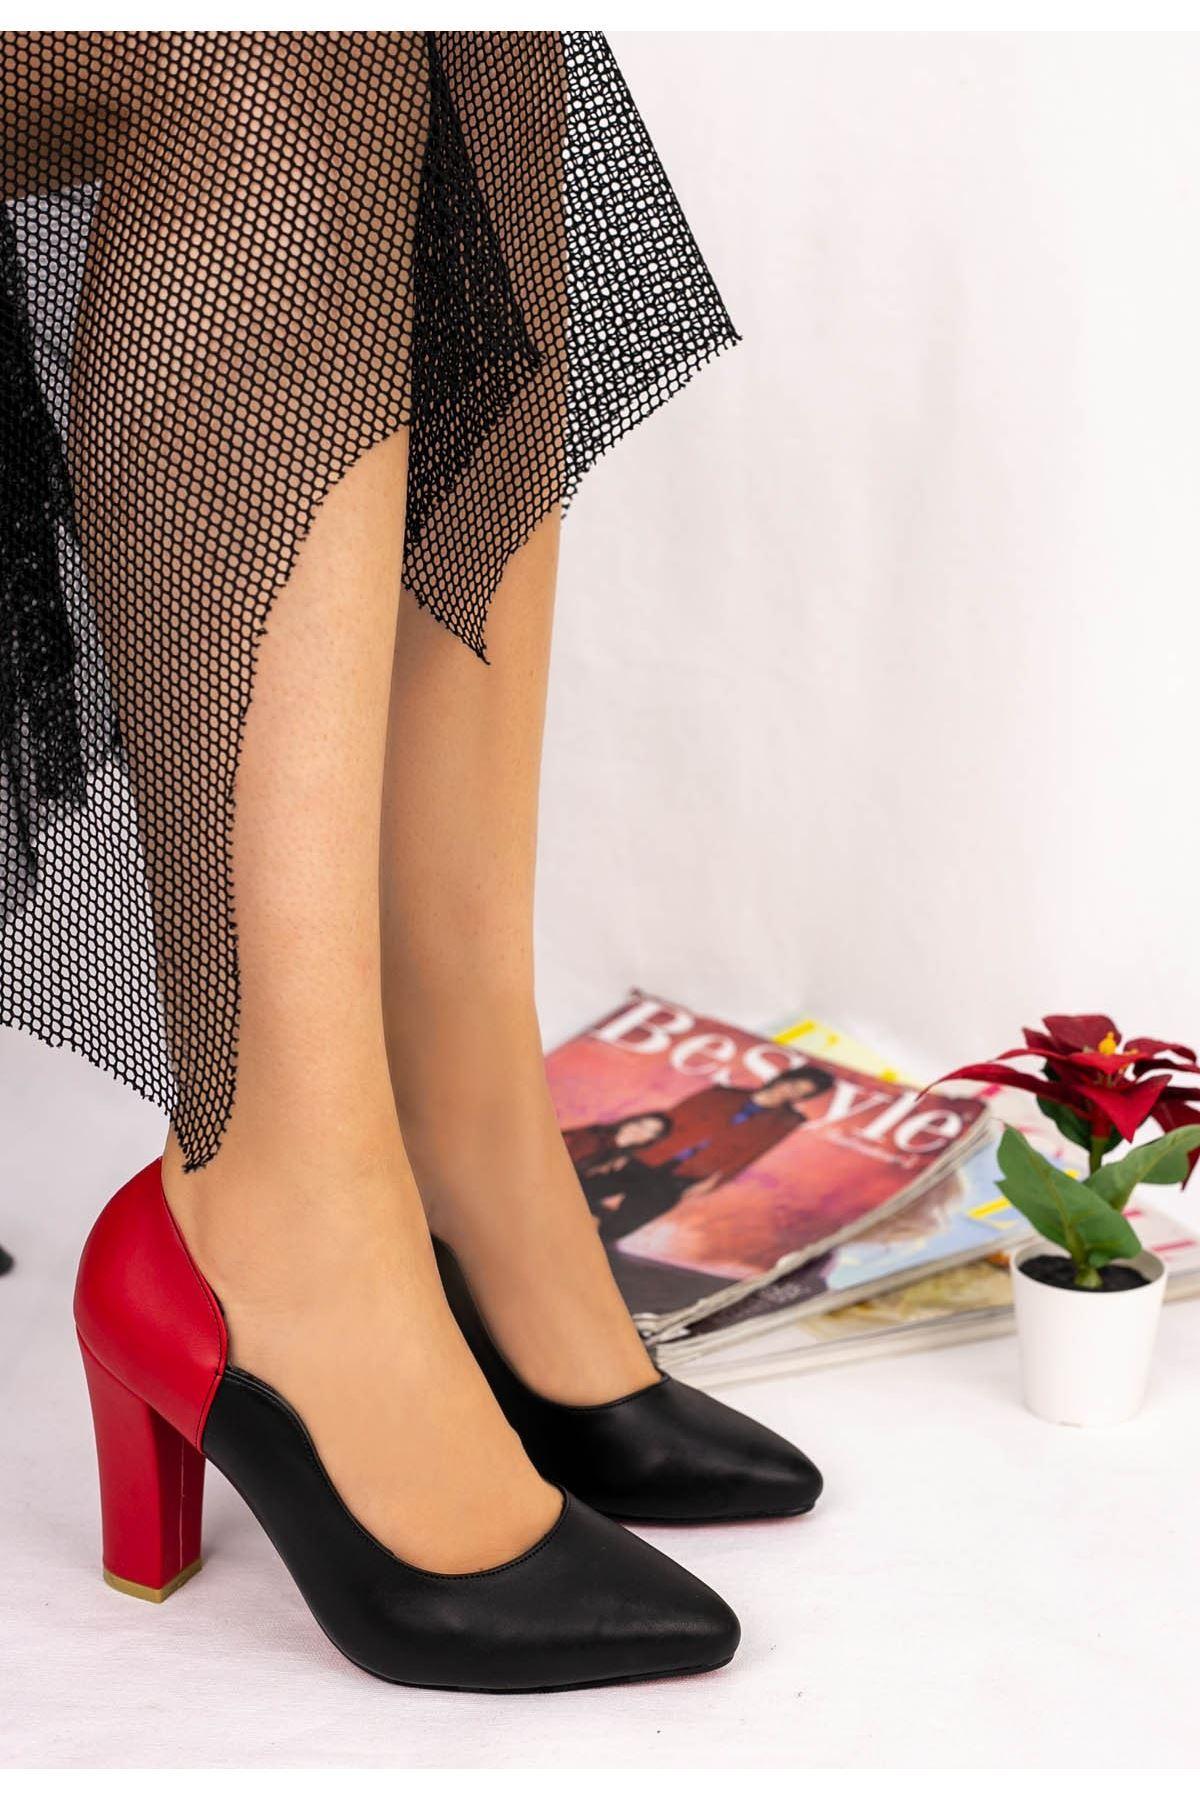 İlene Siyah Cilt Kırmızı Topuklu Ayakkabı